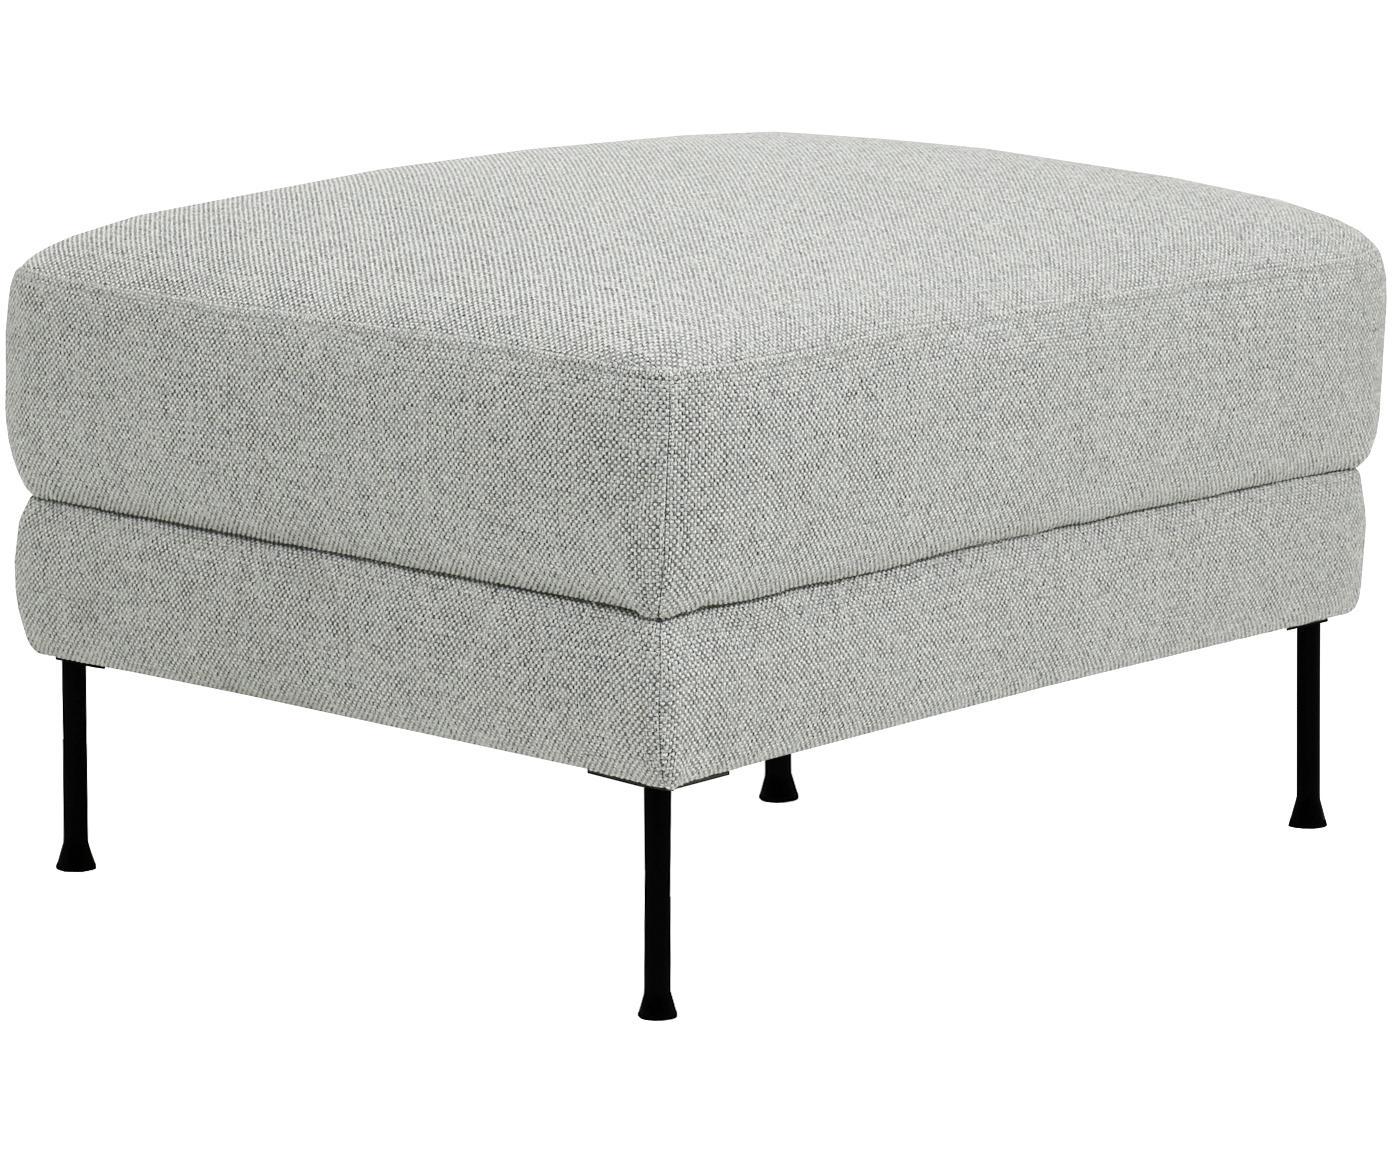 Sofa-Hocker Fluente, Bezug: Polyester 45.000 Scheuert, Gestell: Sperrholz, Spanplatte, Webstoff Hellgrau, 62 x 46 cm